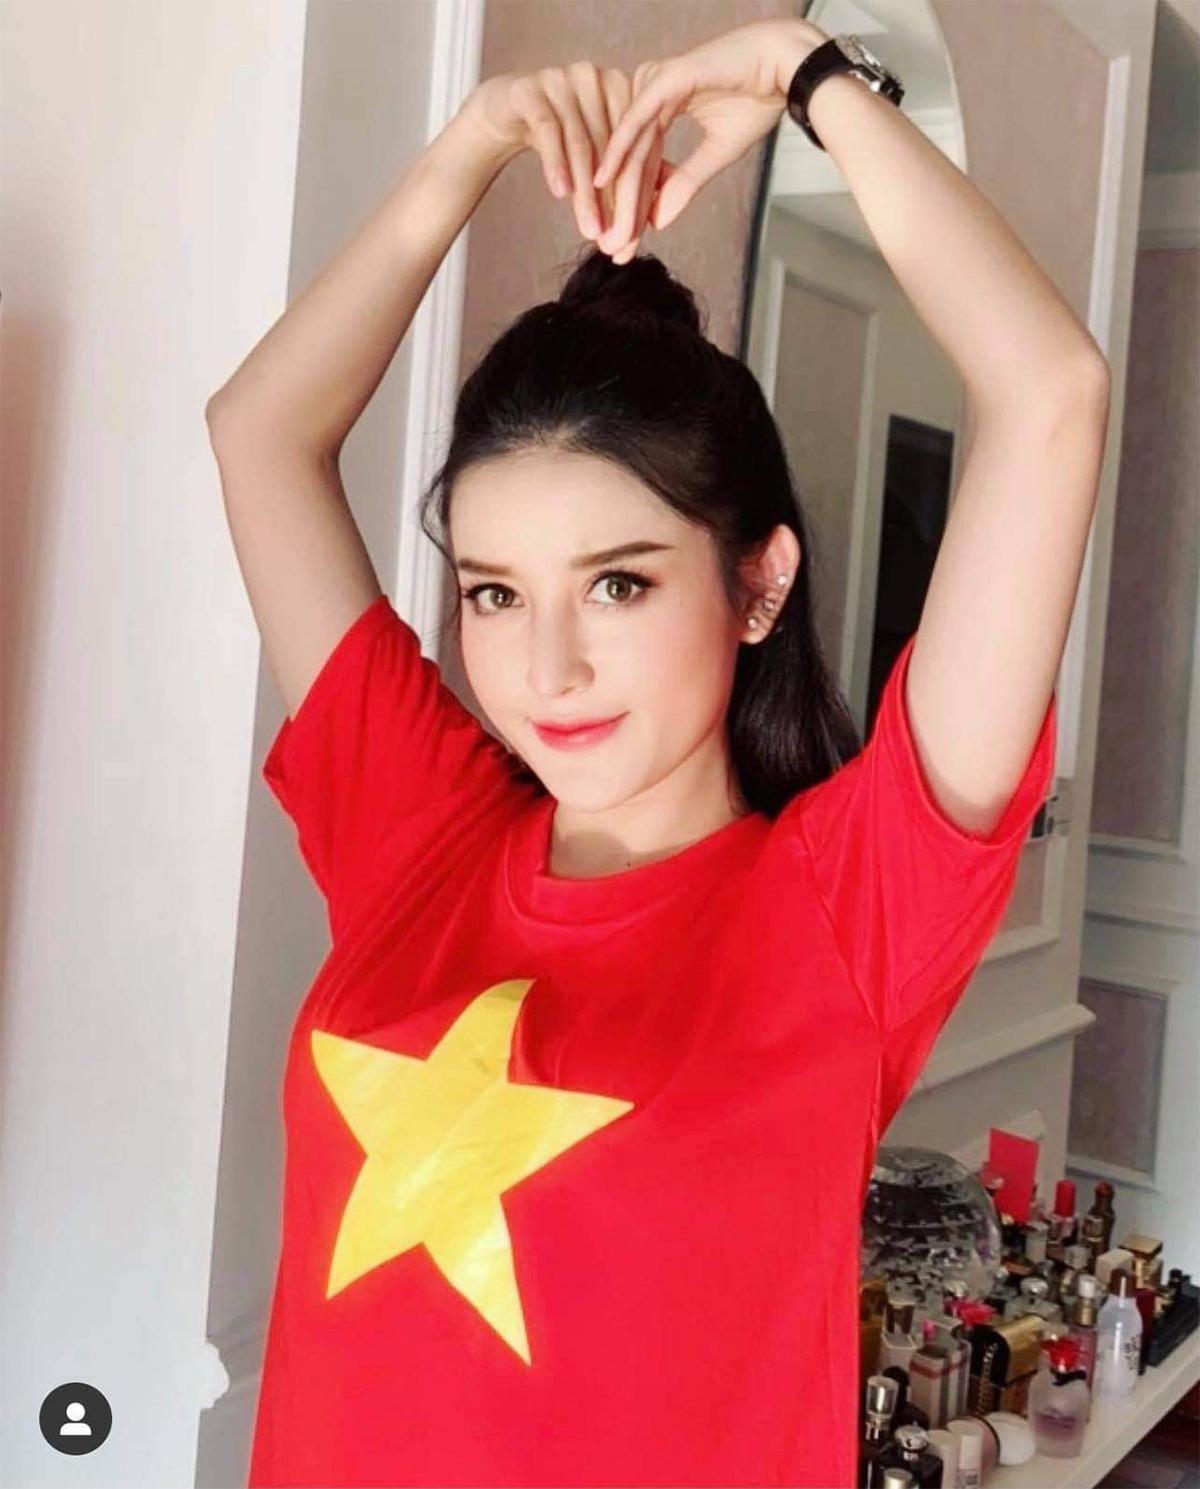 Việt Nam thắng Indonesia 4-0 giữa mùa dịch: Người đeo khẩu trang, người đóng cửa cổ vũ - hình ảnh 10